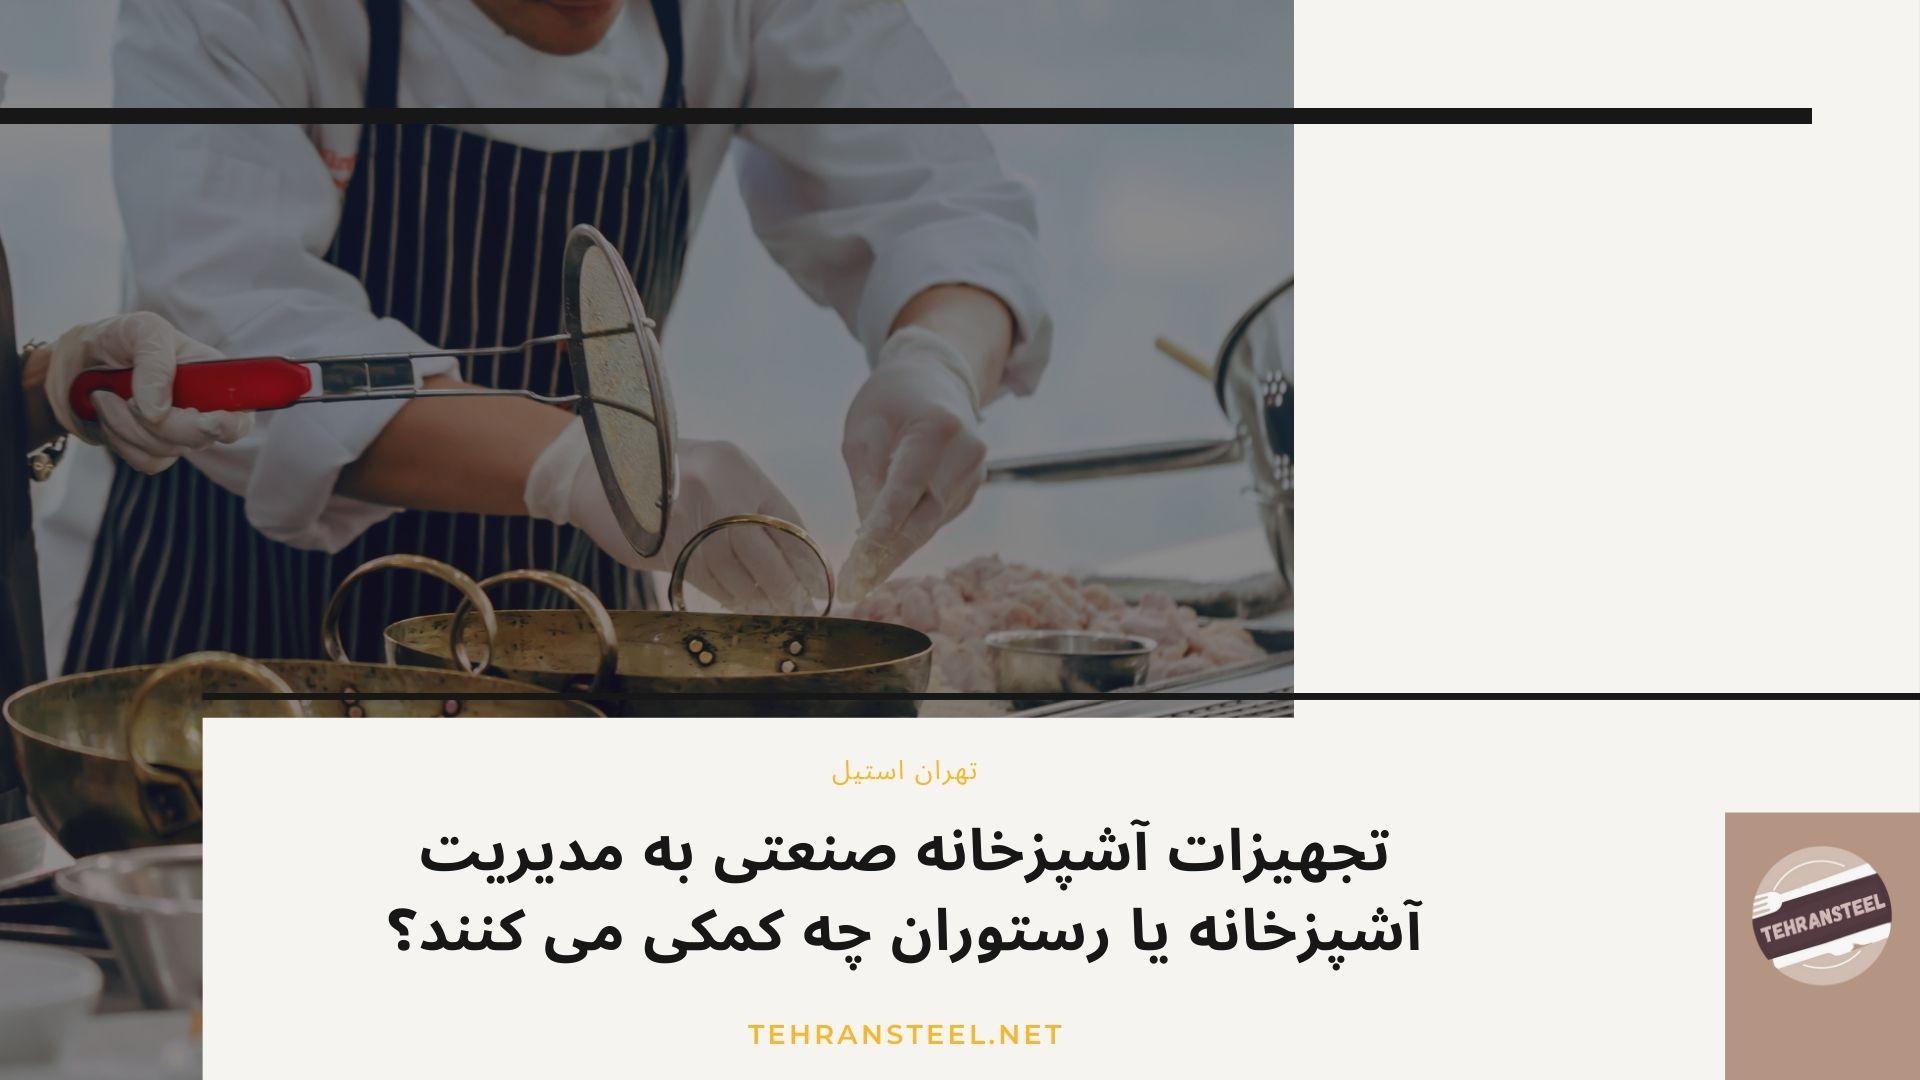 تجهیزات آشپزخانه صنعتی به مدیریت آشپزخانه یا رستوران چه کمکی می کنند؟